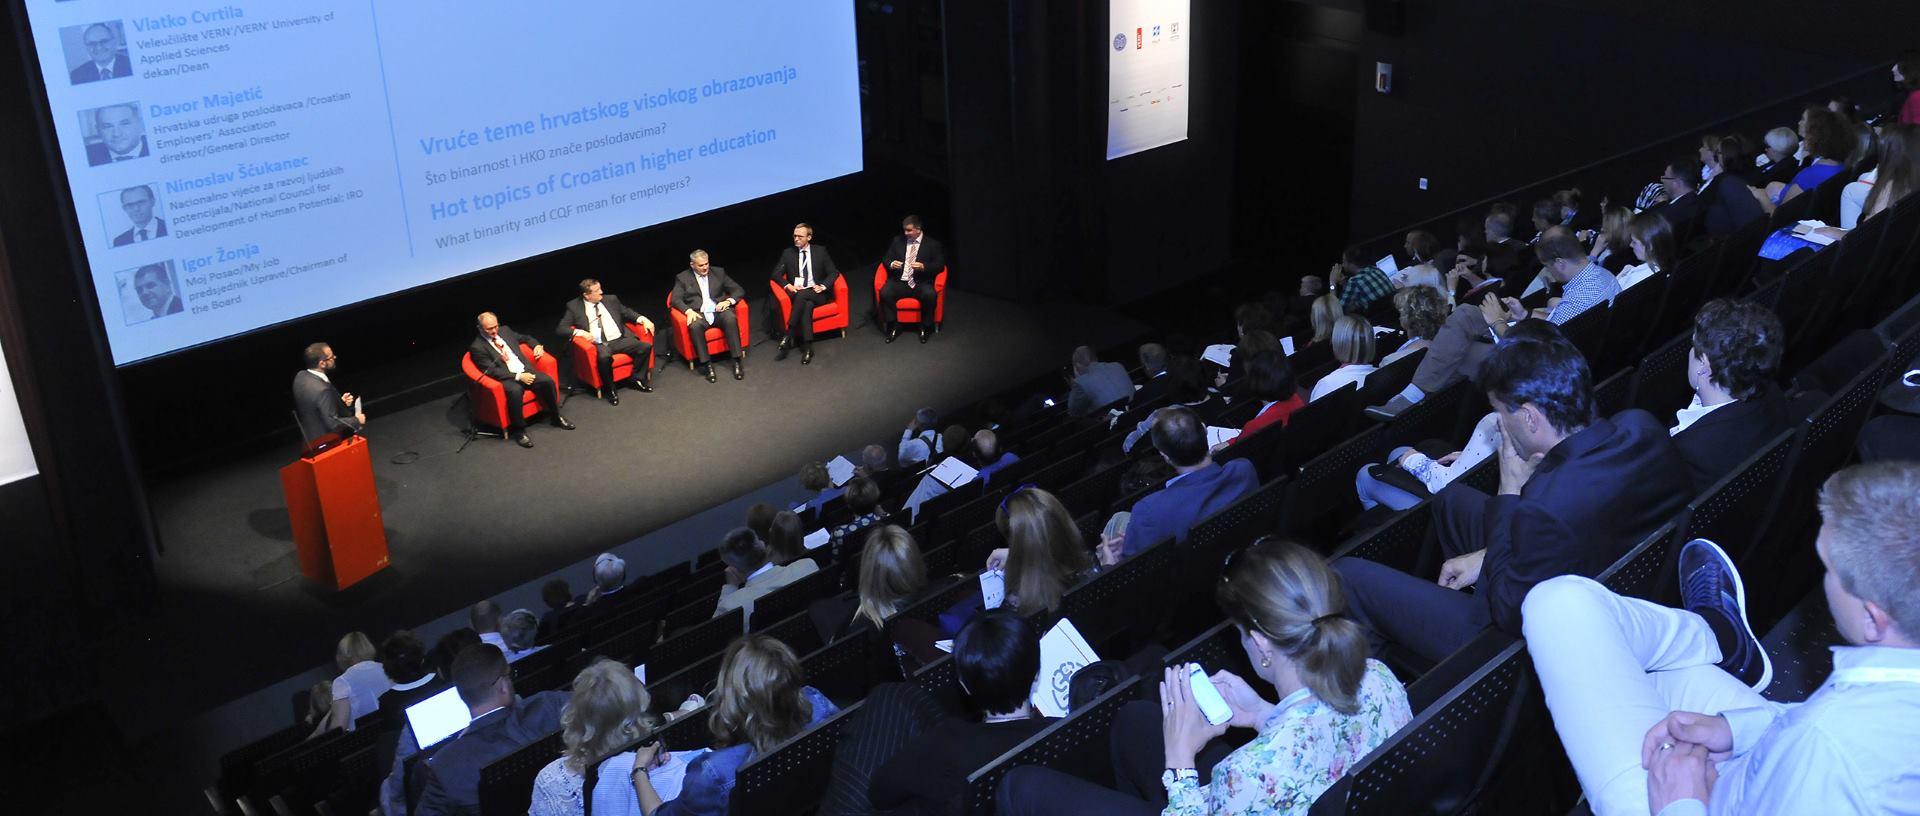 Održana prva konferencija OBRAD u organizaciji Veleučilišta VERN'